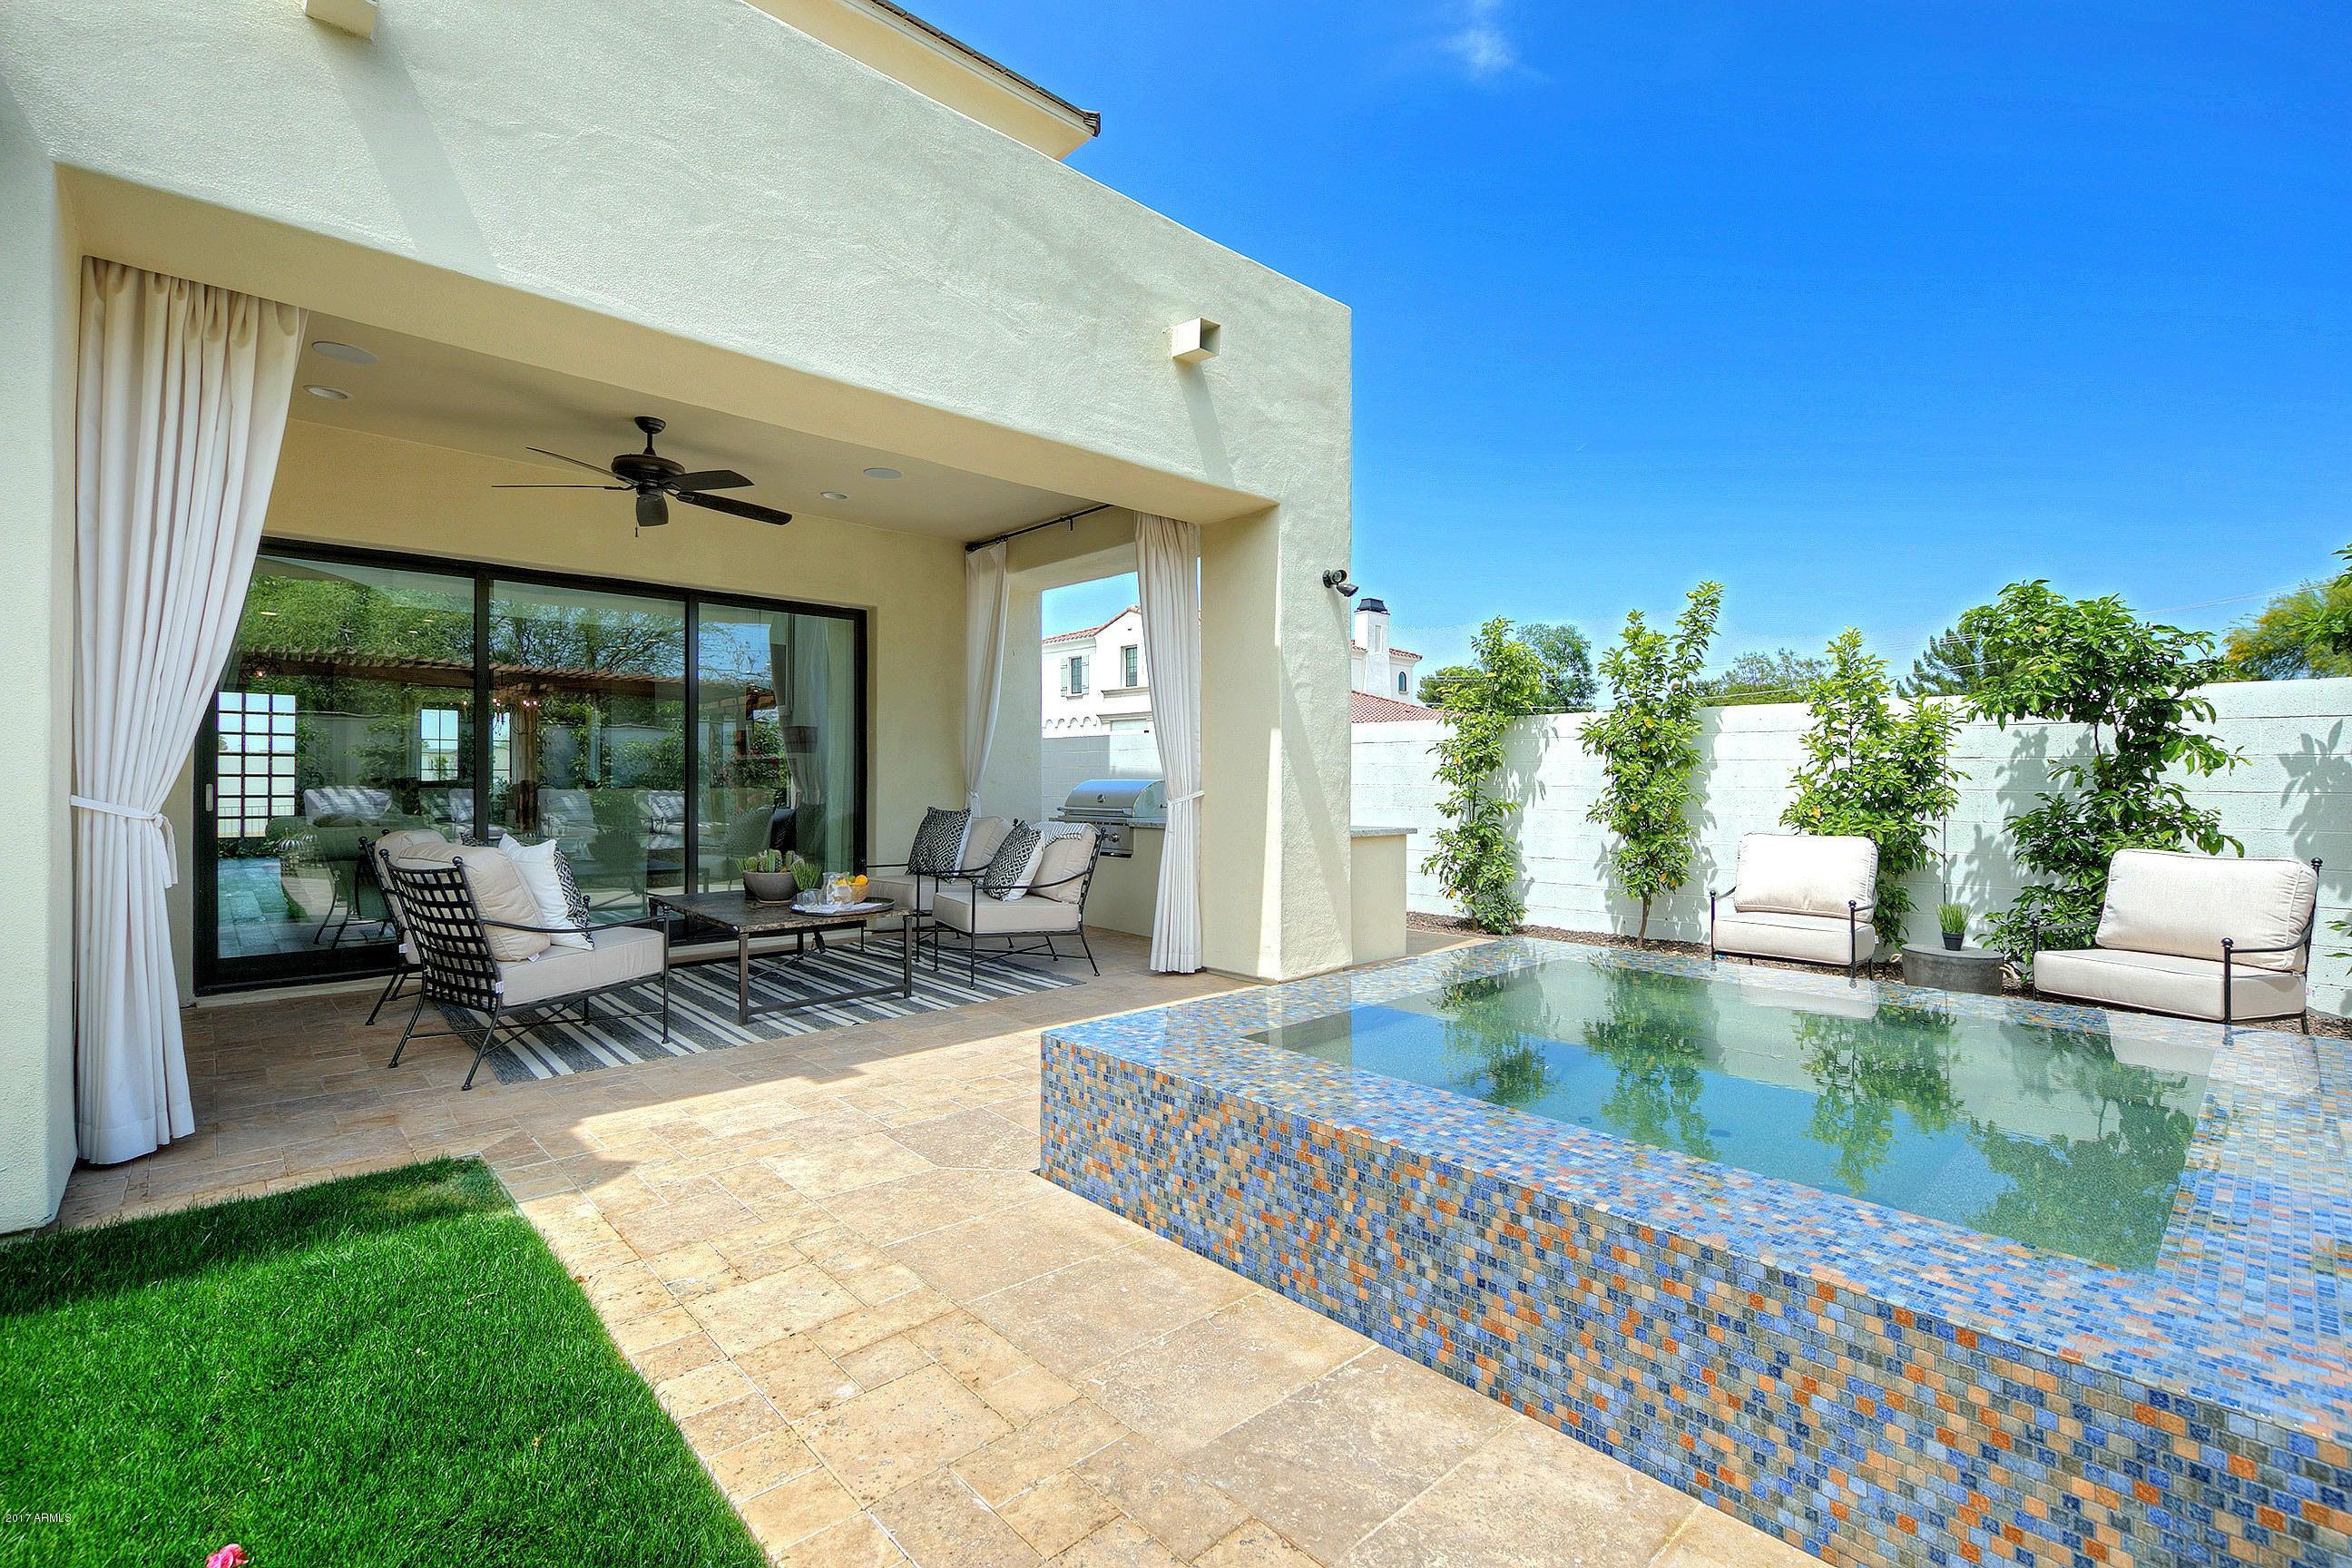 MLS 5591827 3511 N 39TH Place, Phoenix, AZ 85018 Phoenix AZ Gated